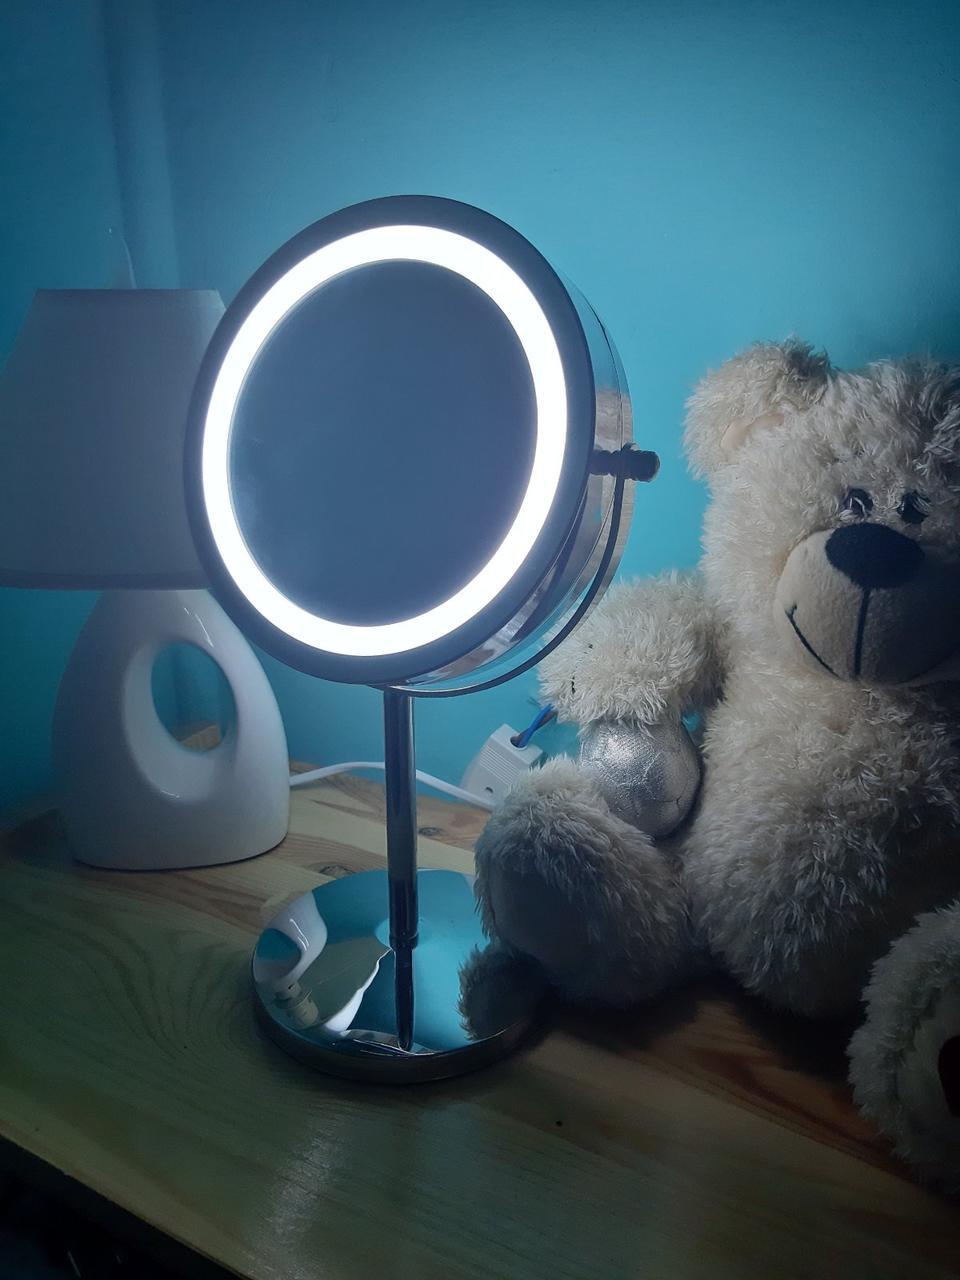 Зеркало настольное с LED подсветкой диаметр 15 см.